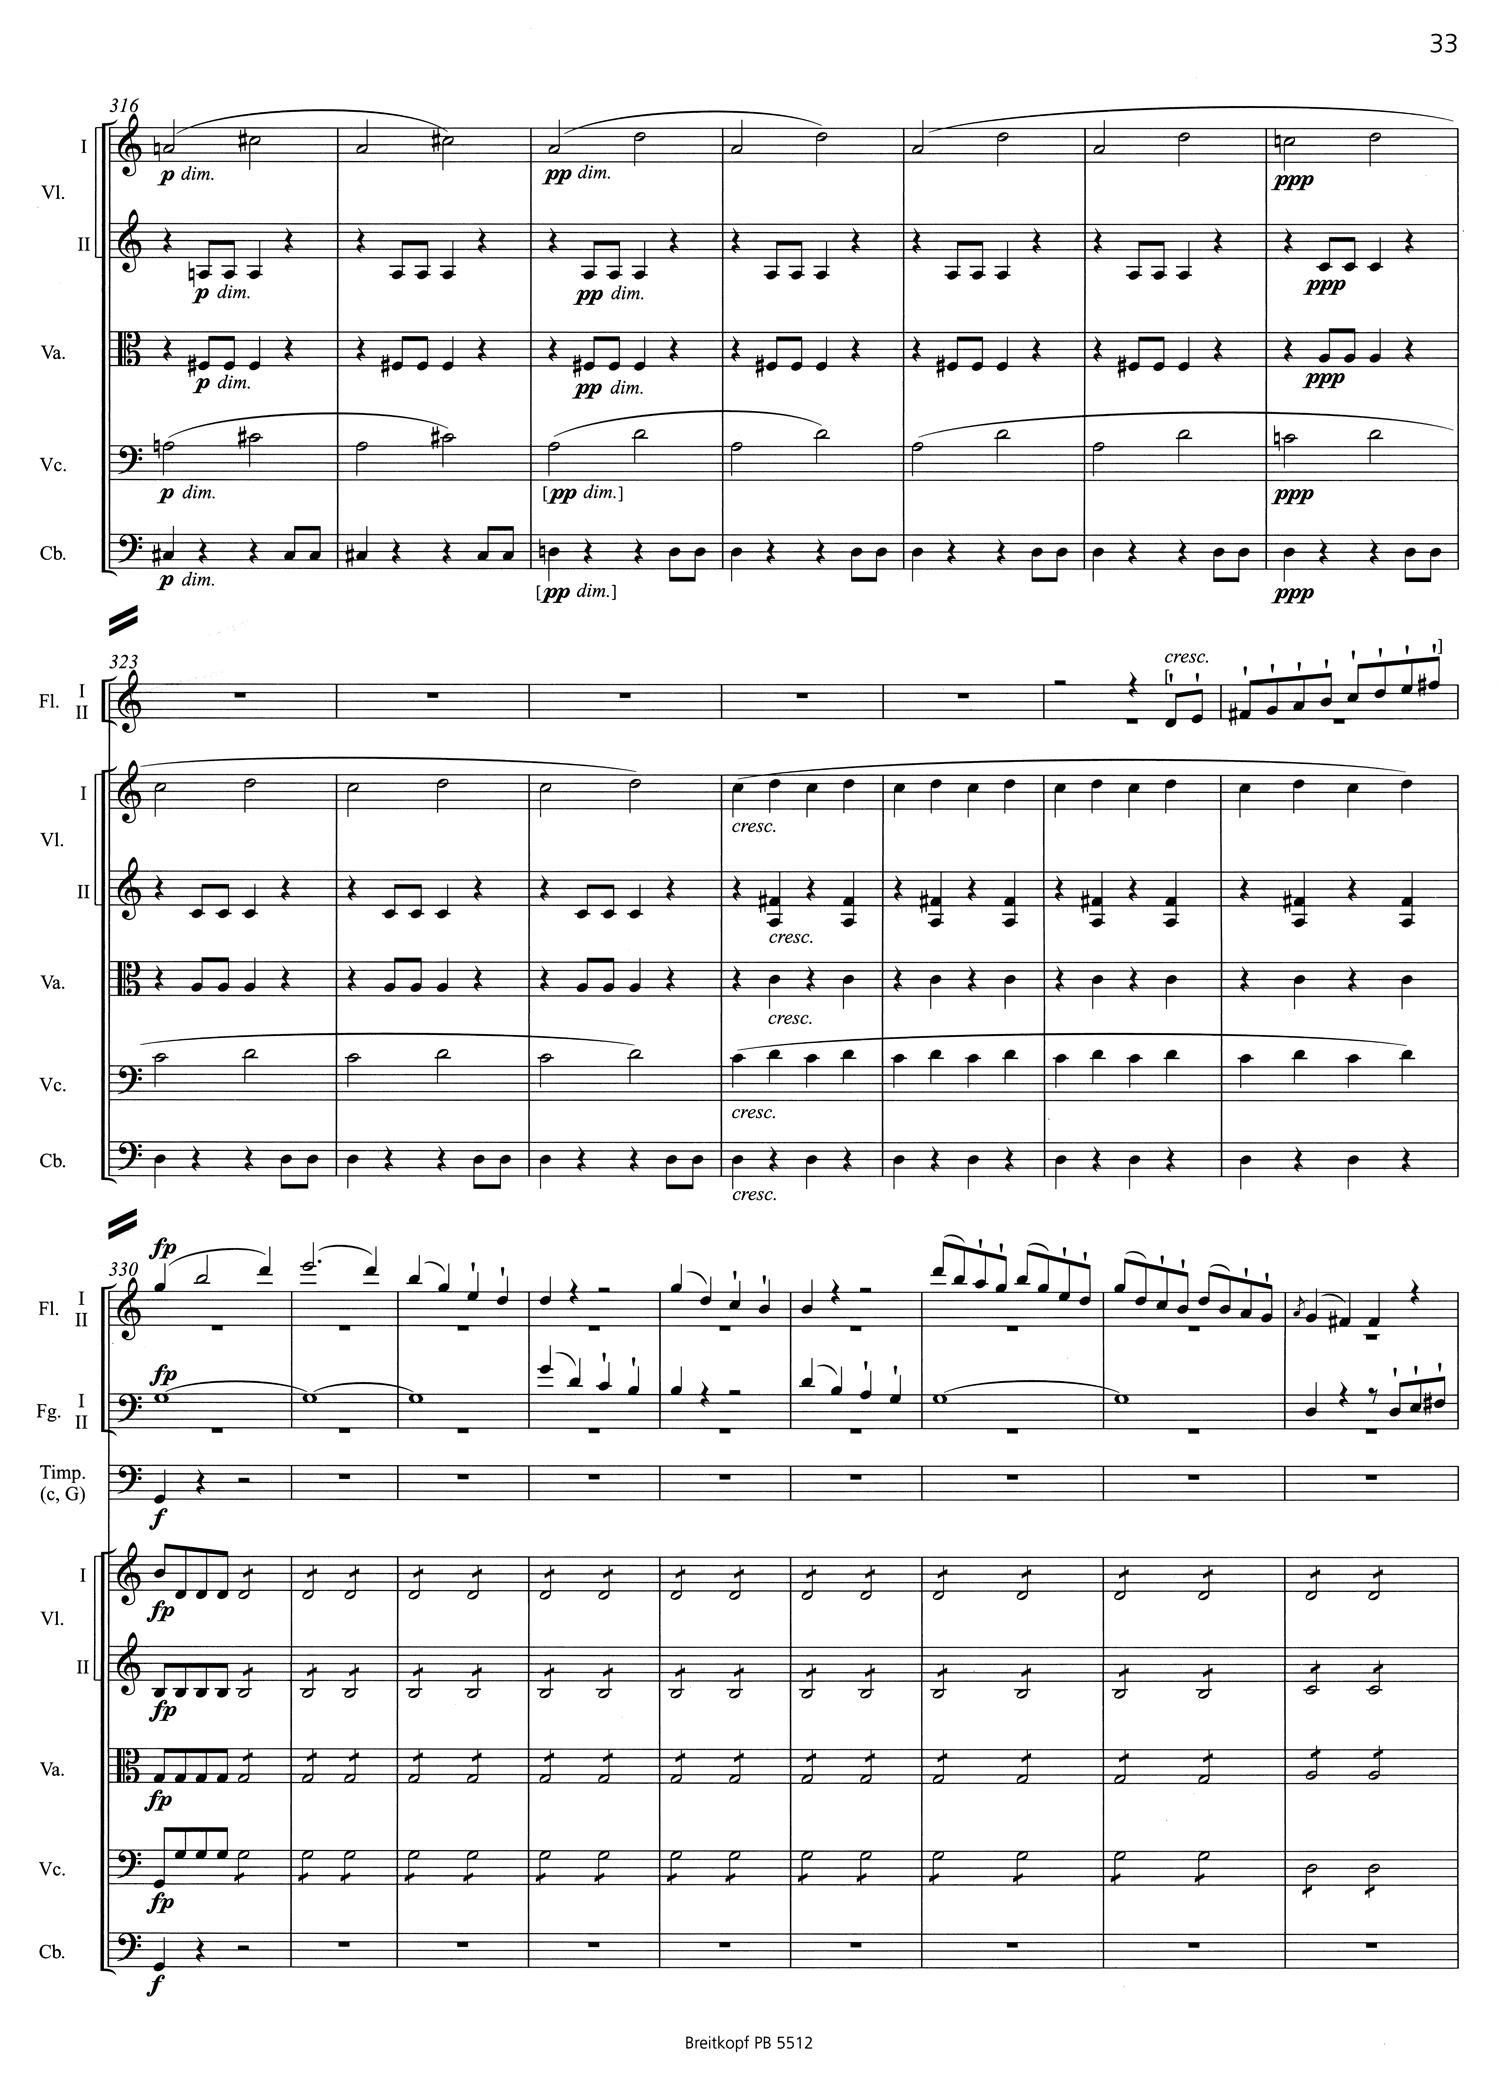 Beethoven Leonore Score 1.jpg